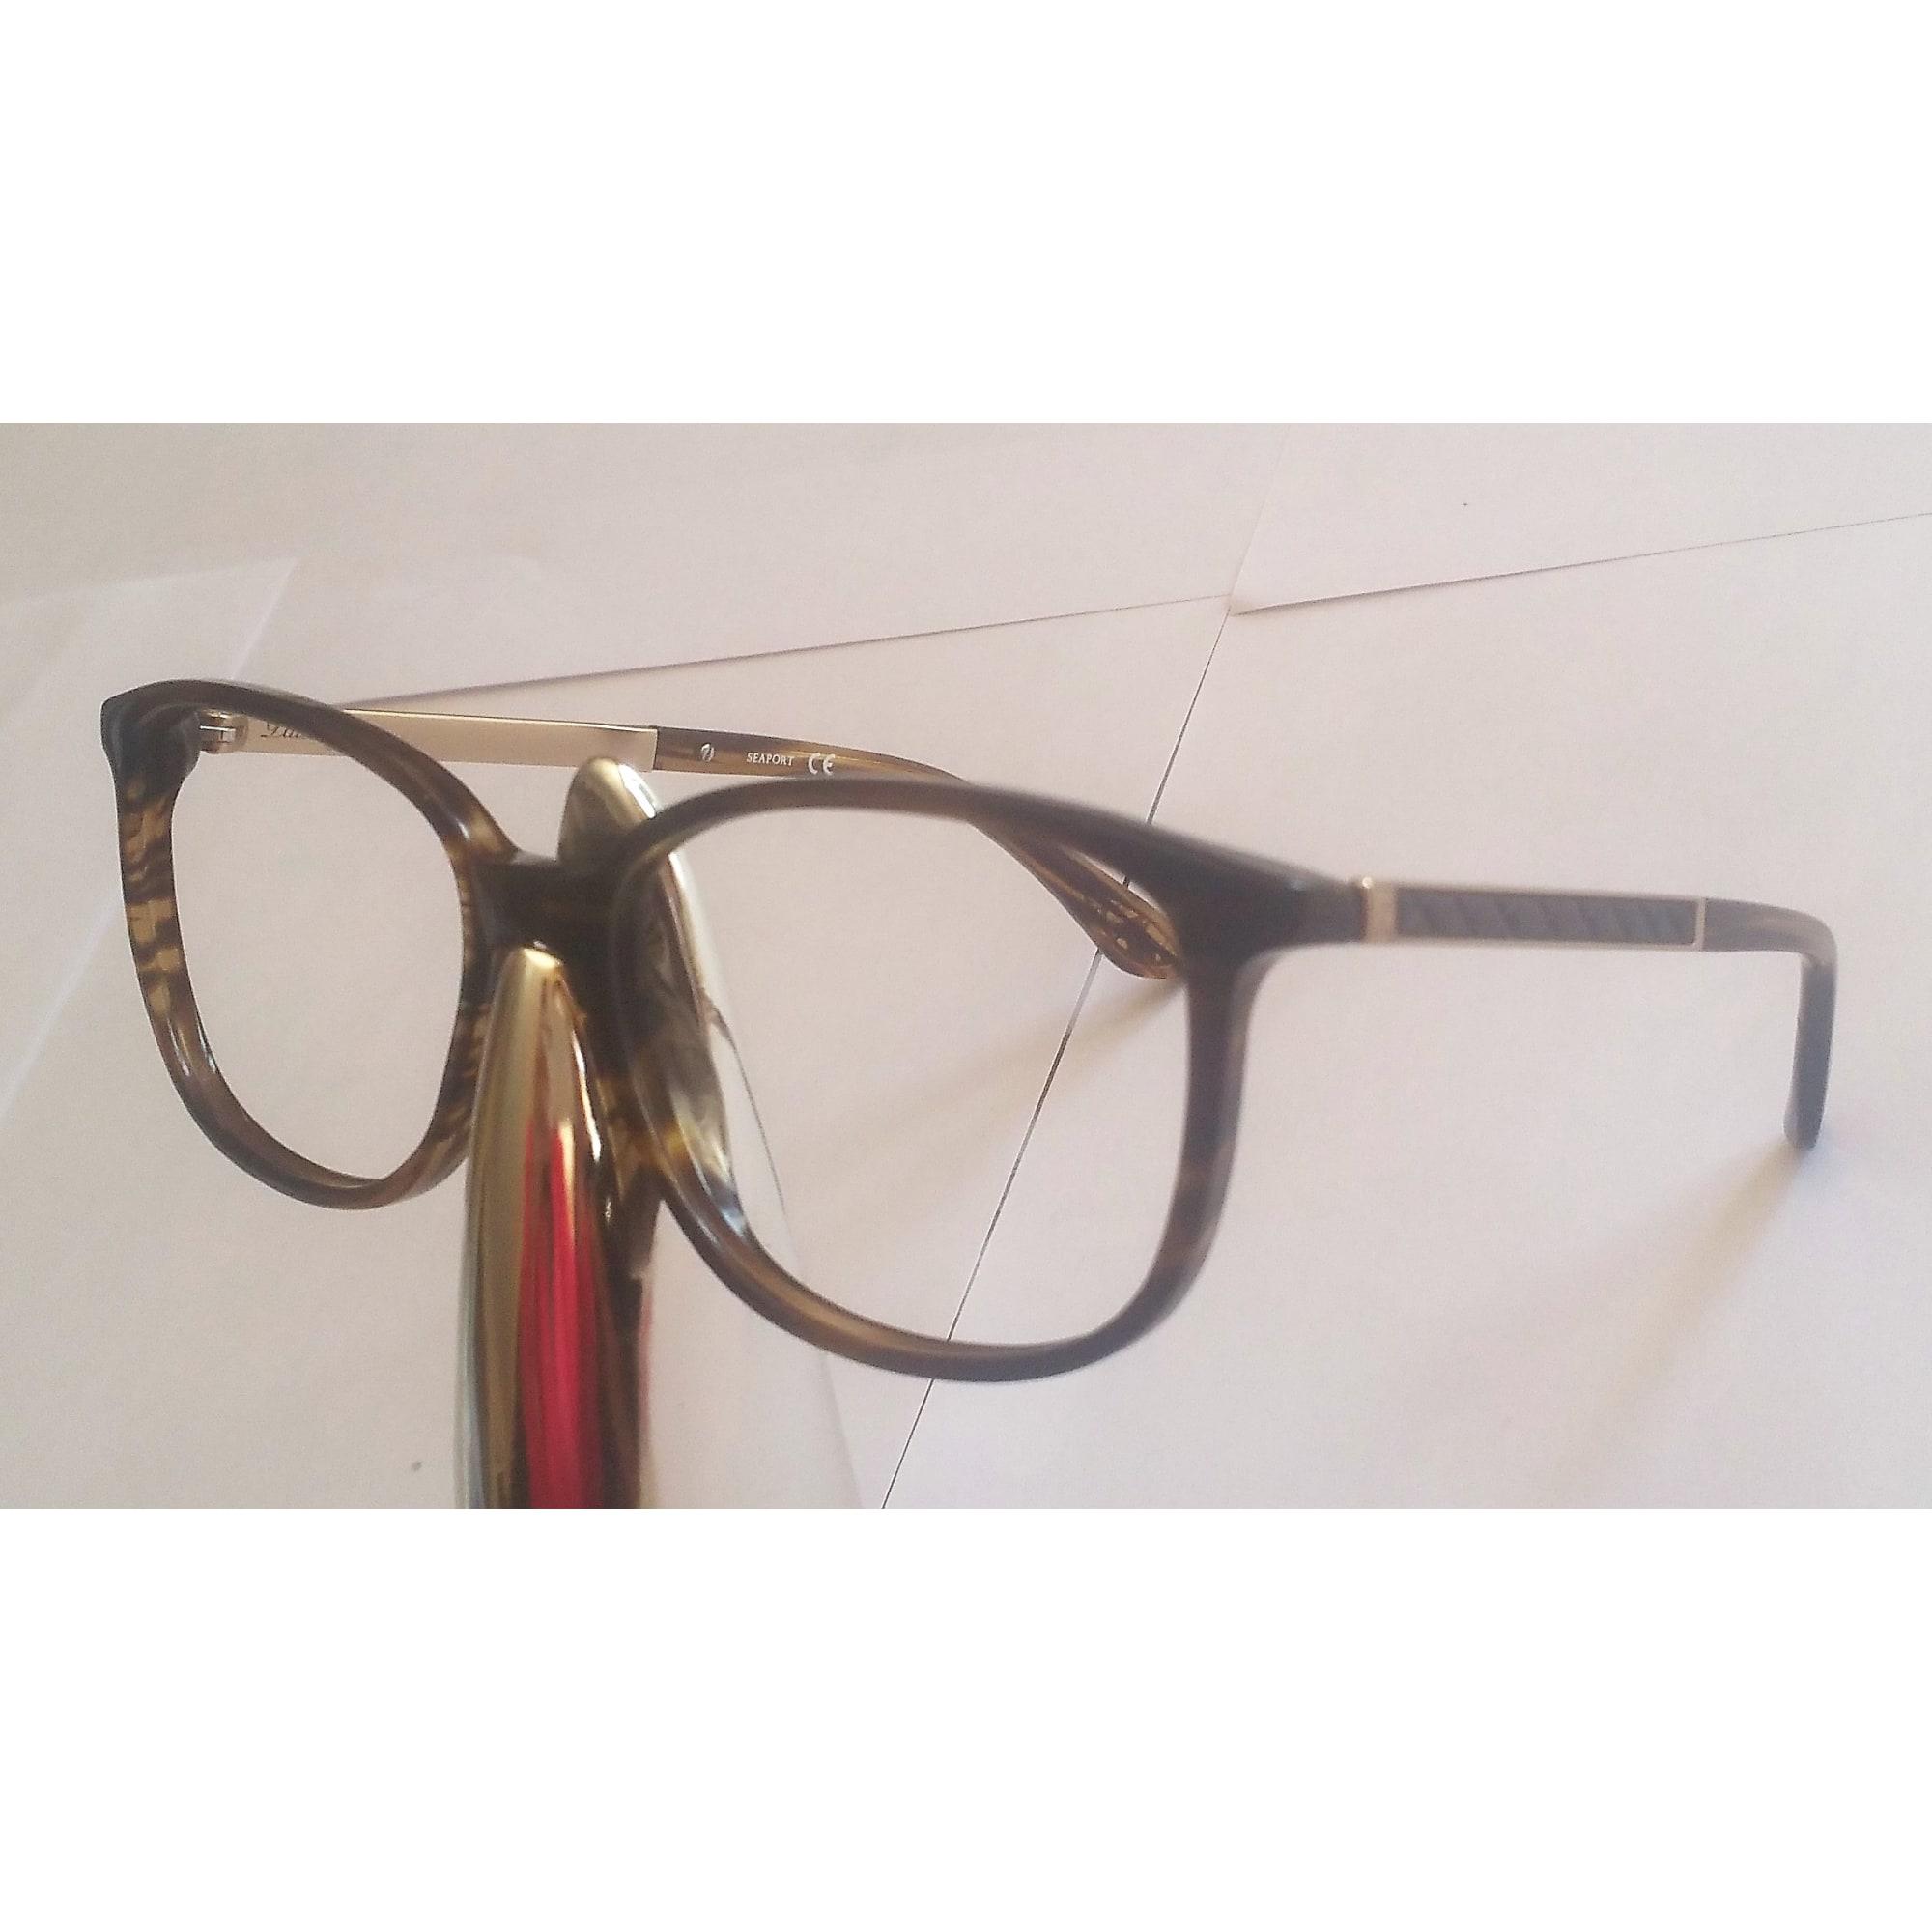 b61843c1c670ef Monture de lunettes PAUL   JOE marron vendu par Nivolas optique ...